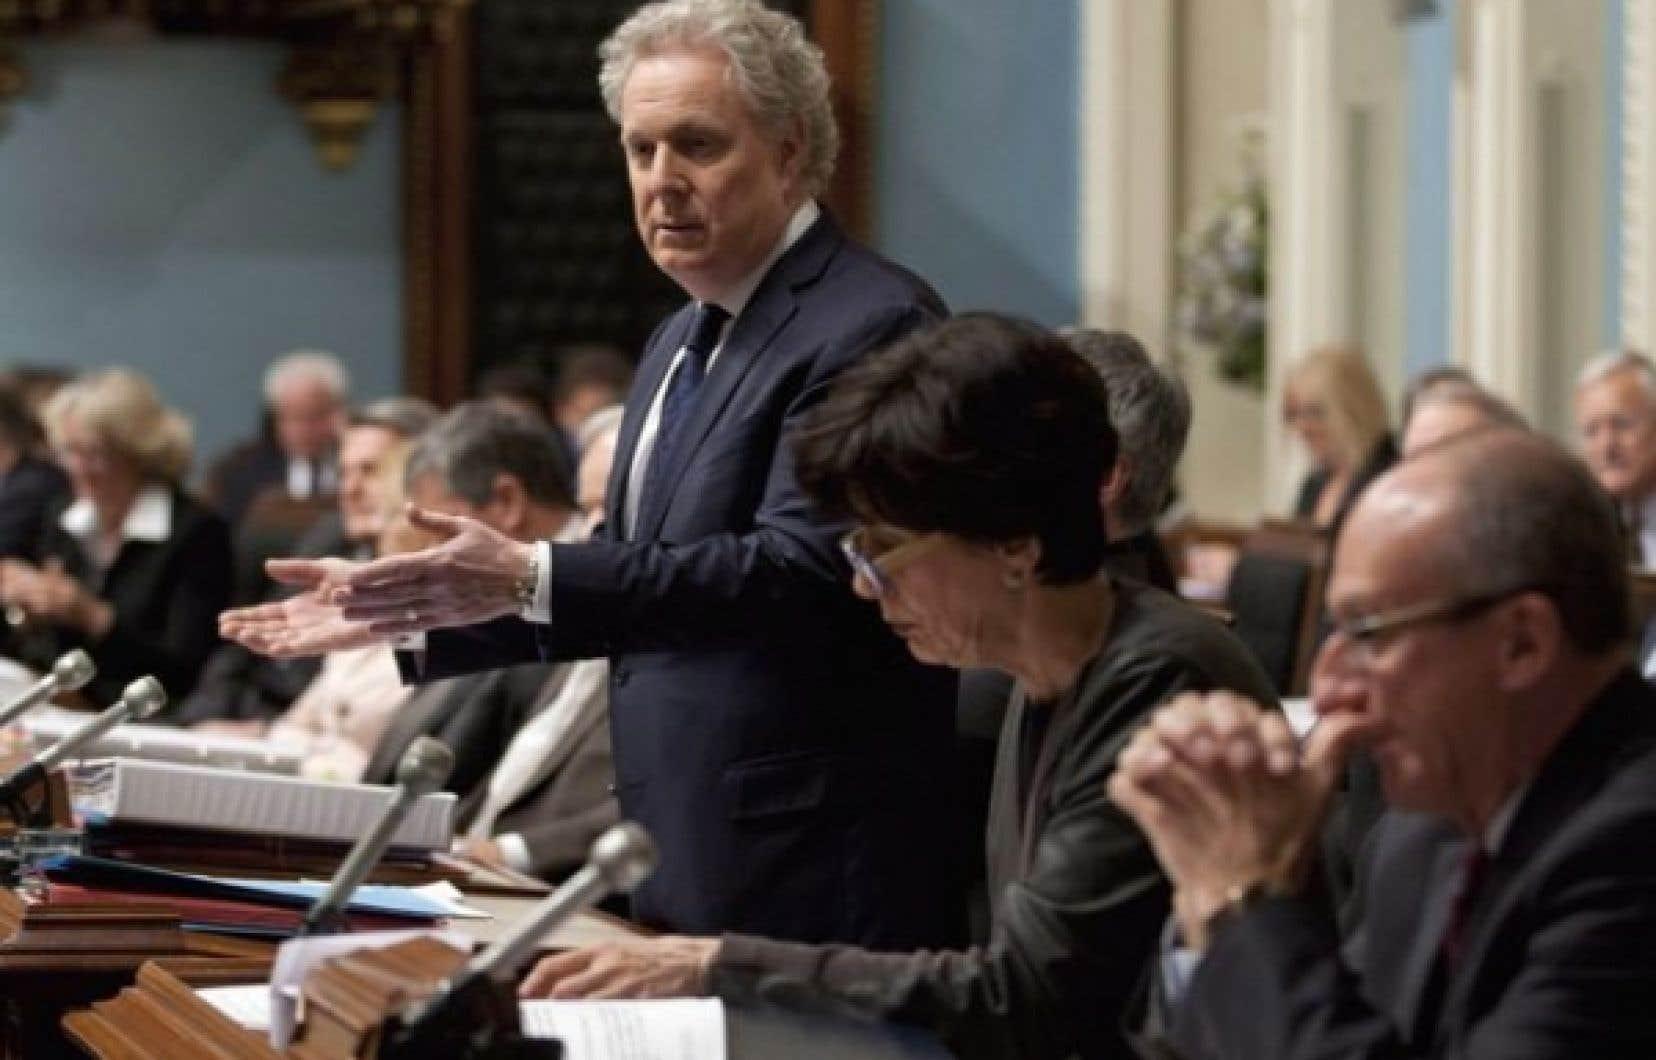 Le projet de loi spéciale 78 du gouvernement de Jean Charest vient d'être adopté par l'Assemblée nationale, au terme d'un débat-marathon de plus de 21 heures.